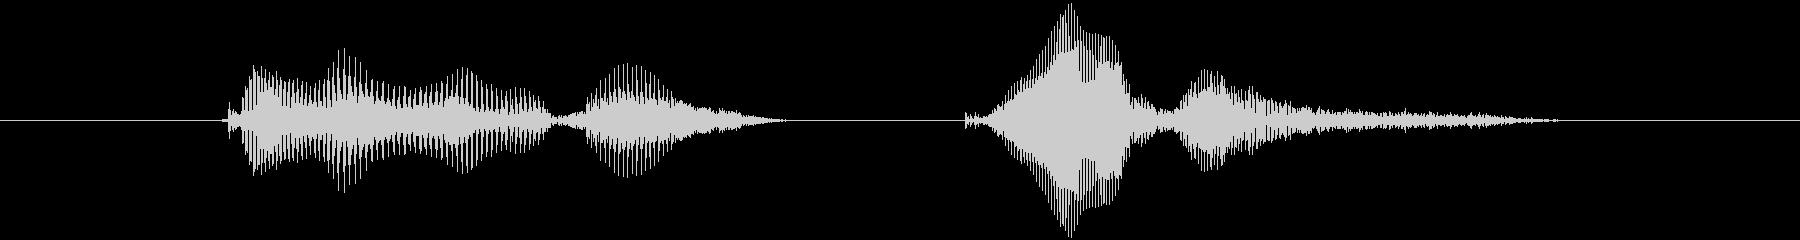 トリプル!の未再生の波形